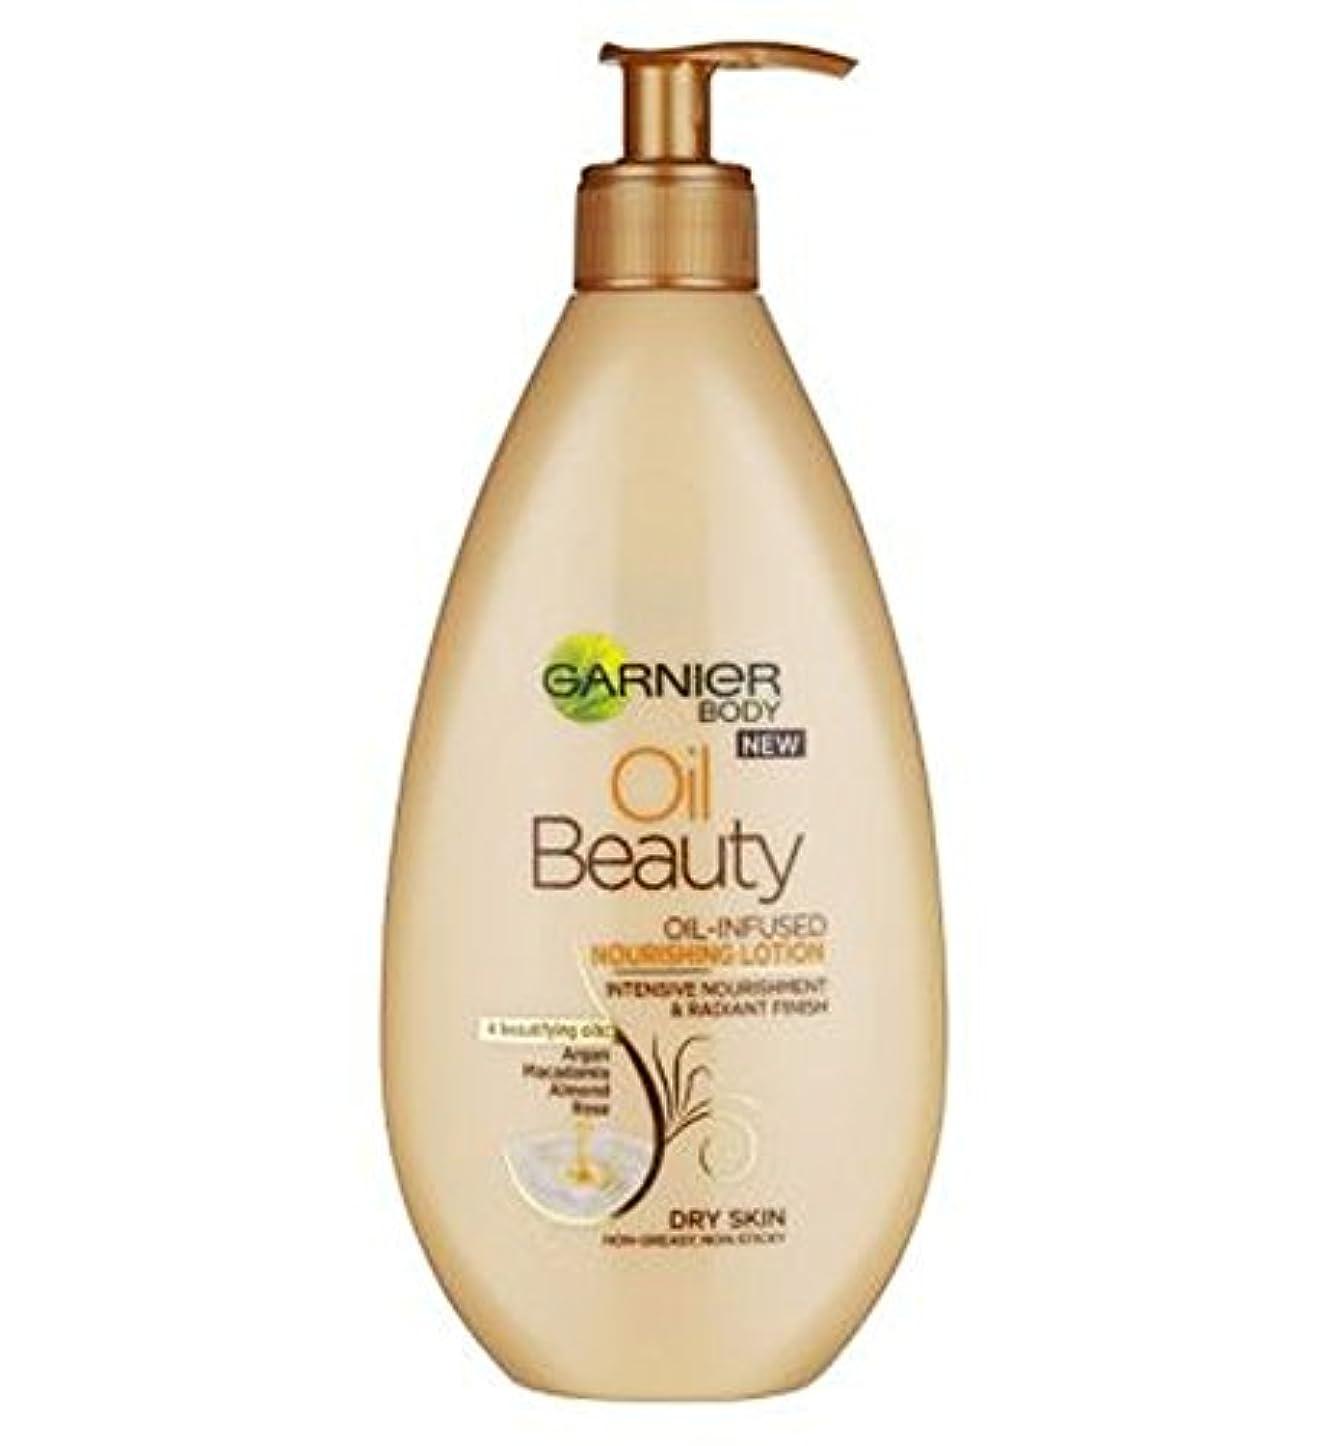 意図的報復大佐ガルニエ究極の美容オイル400ミリリットル (Garnier) (x2) - Garnier Ultimate Beauty Oil 400ml (Pack of 2) [並行輸入品]